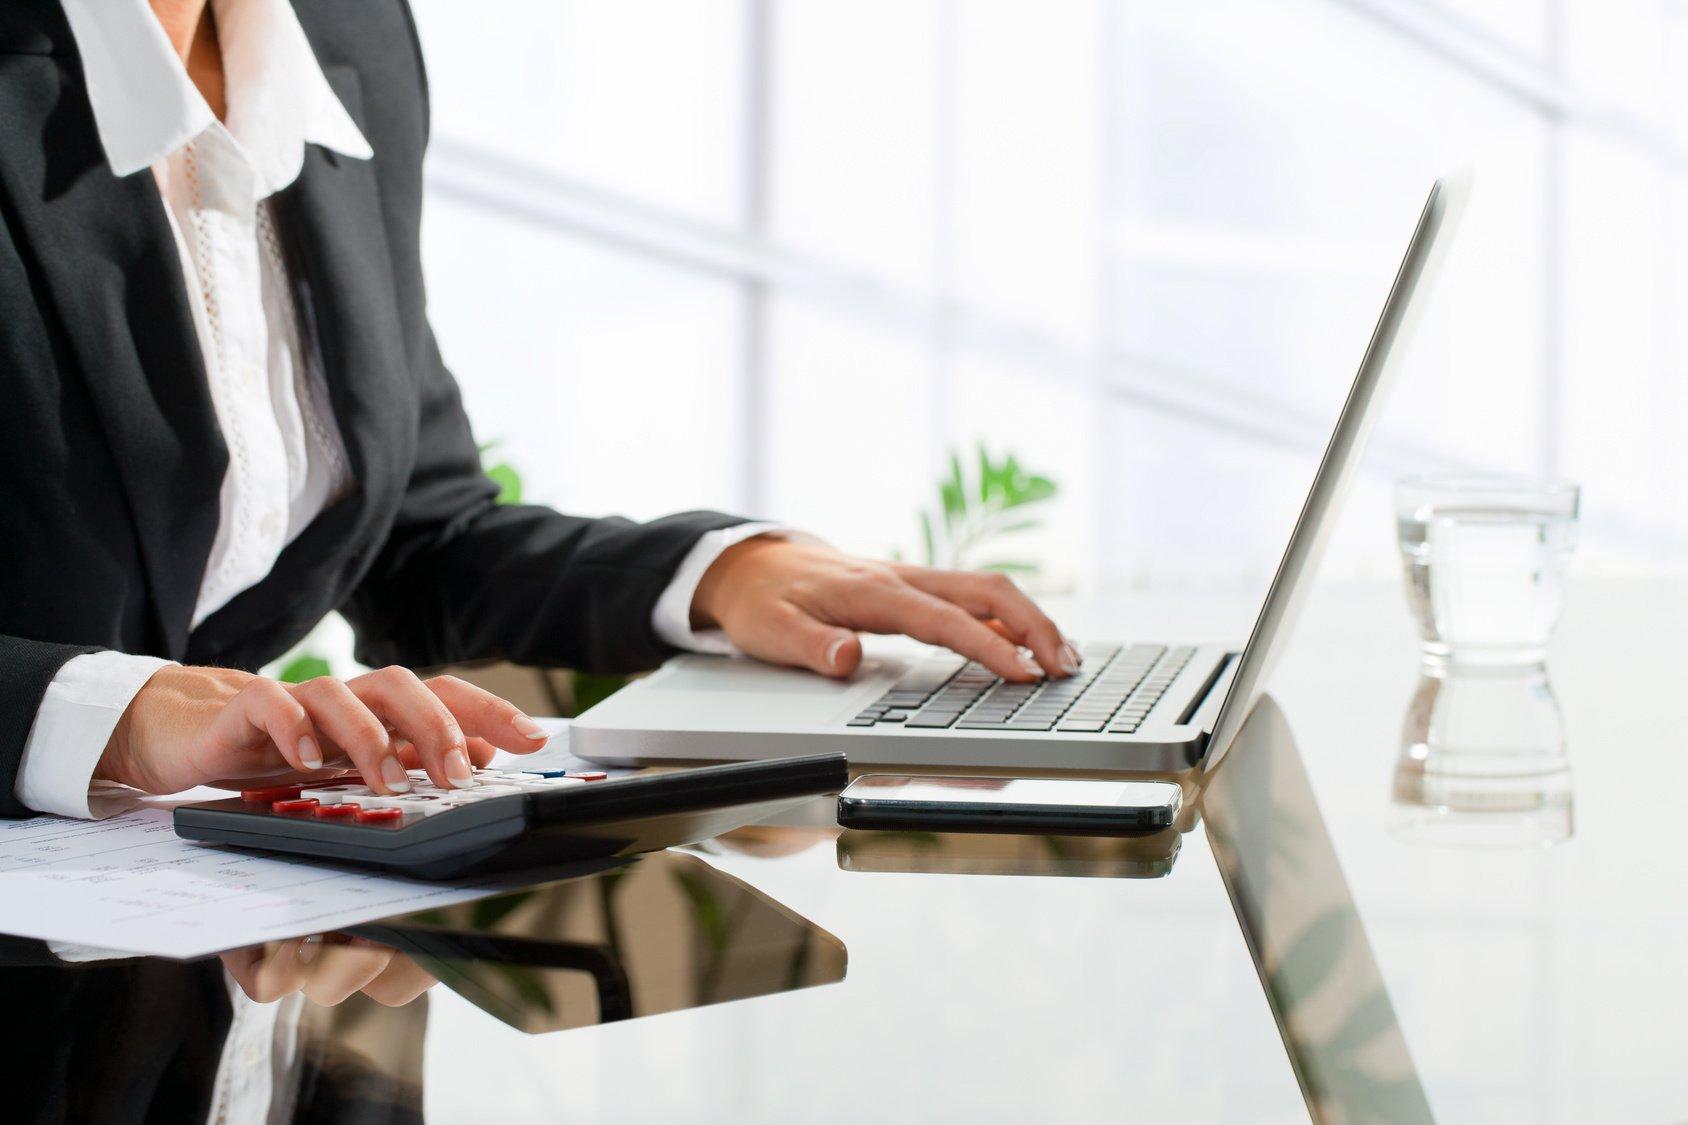 Услуги финансовых советников стали пользоваться массовым спросом